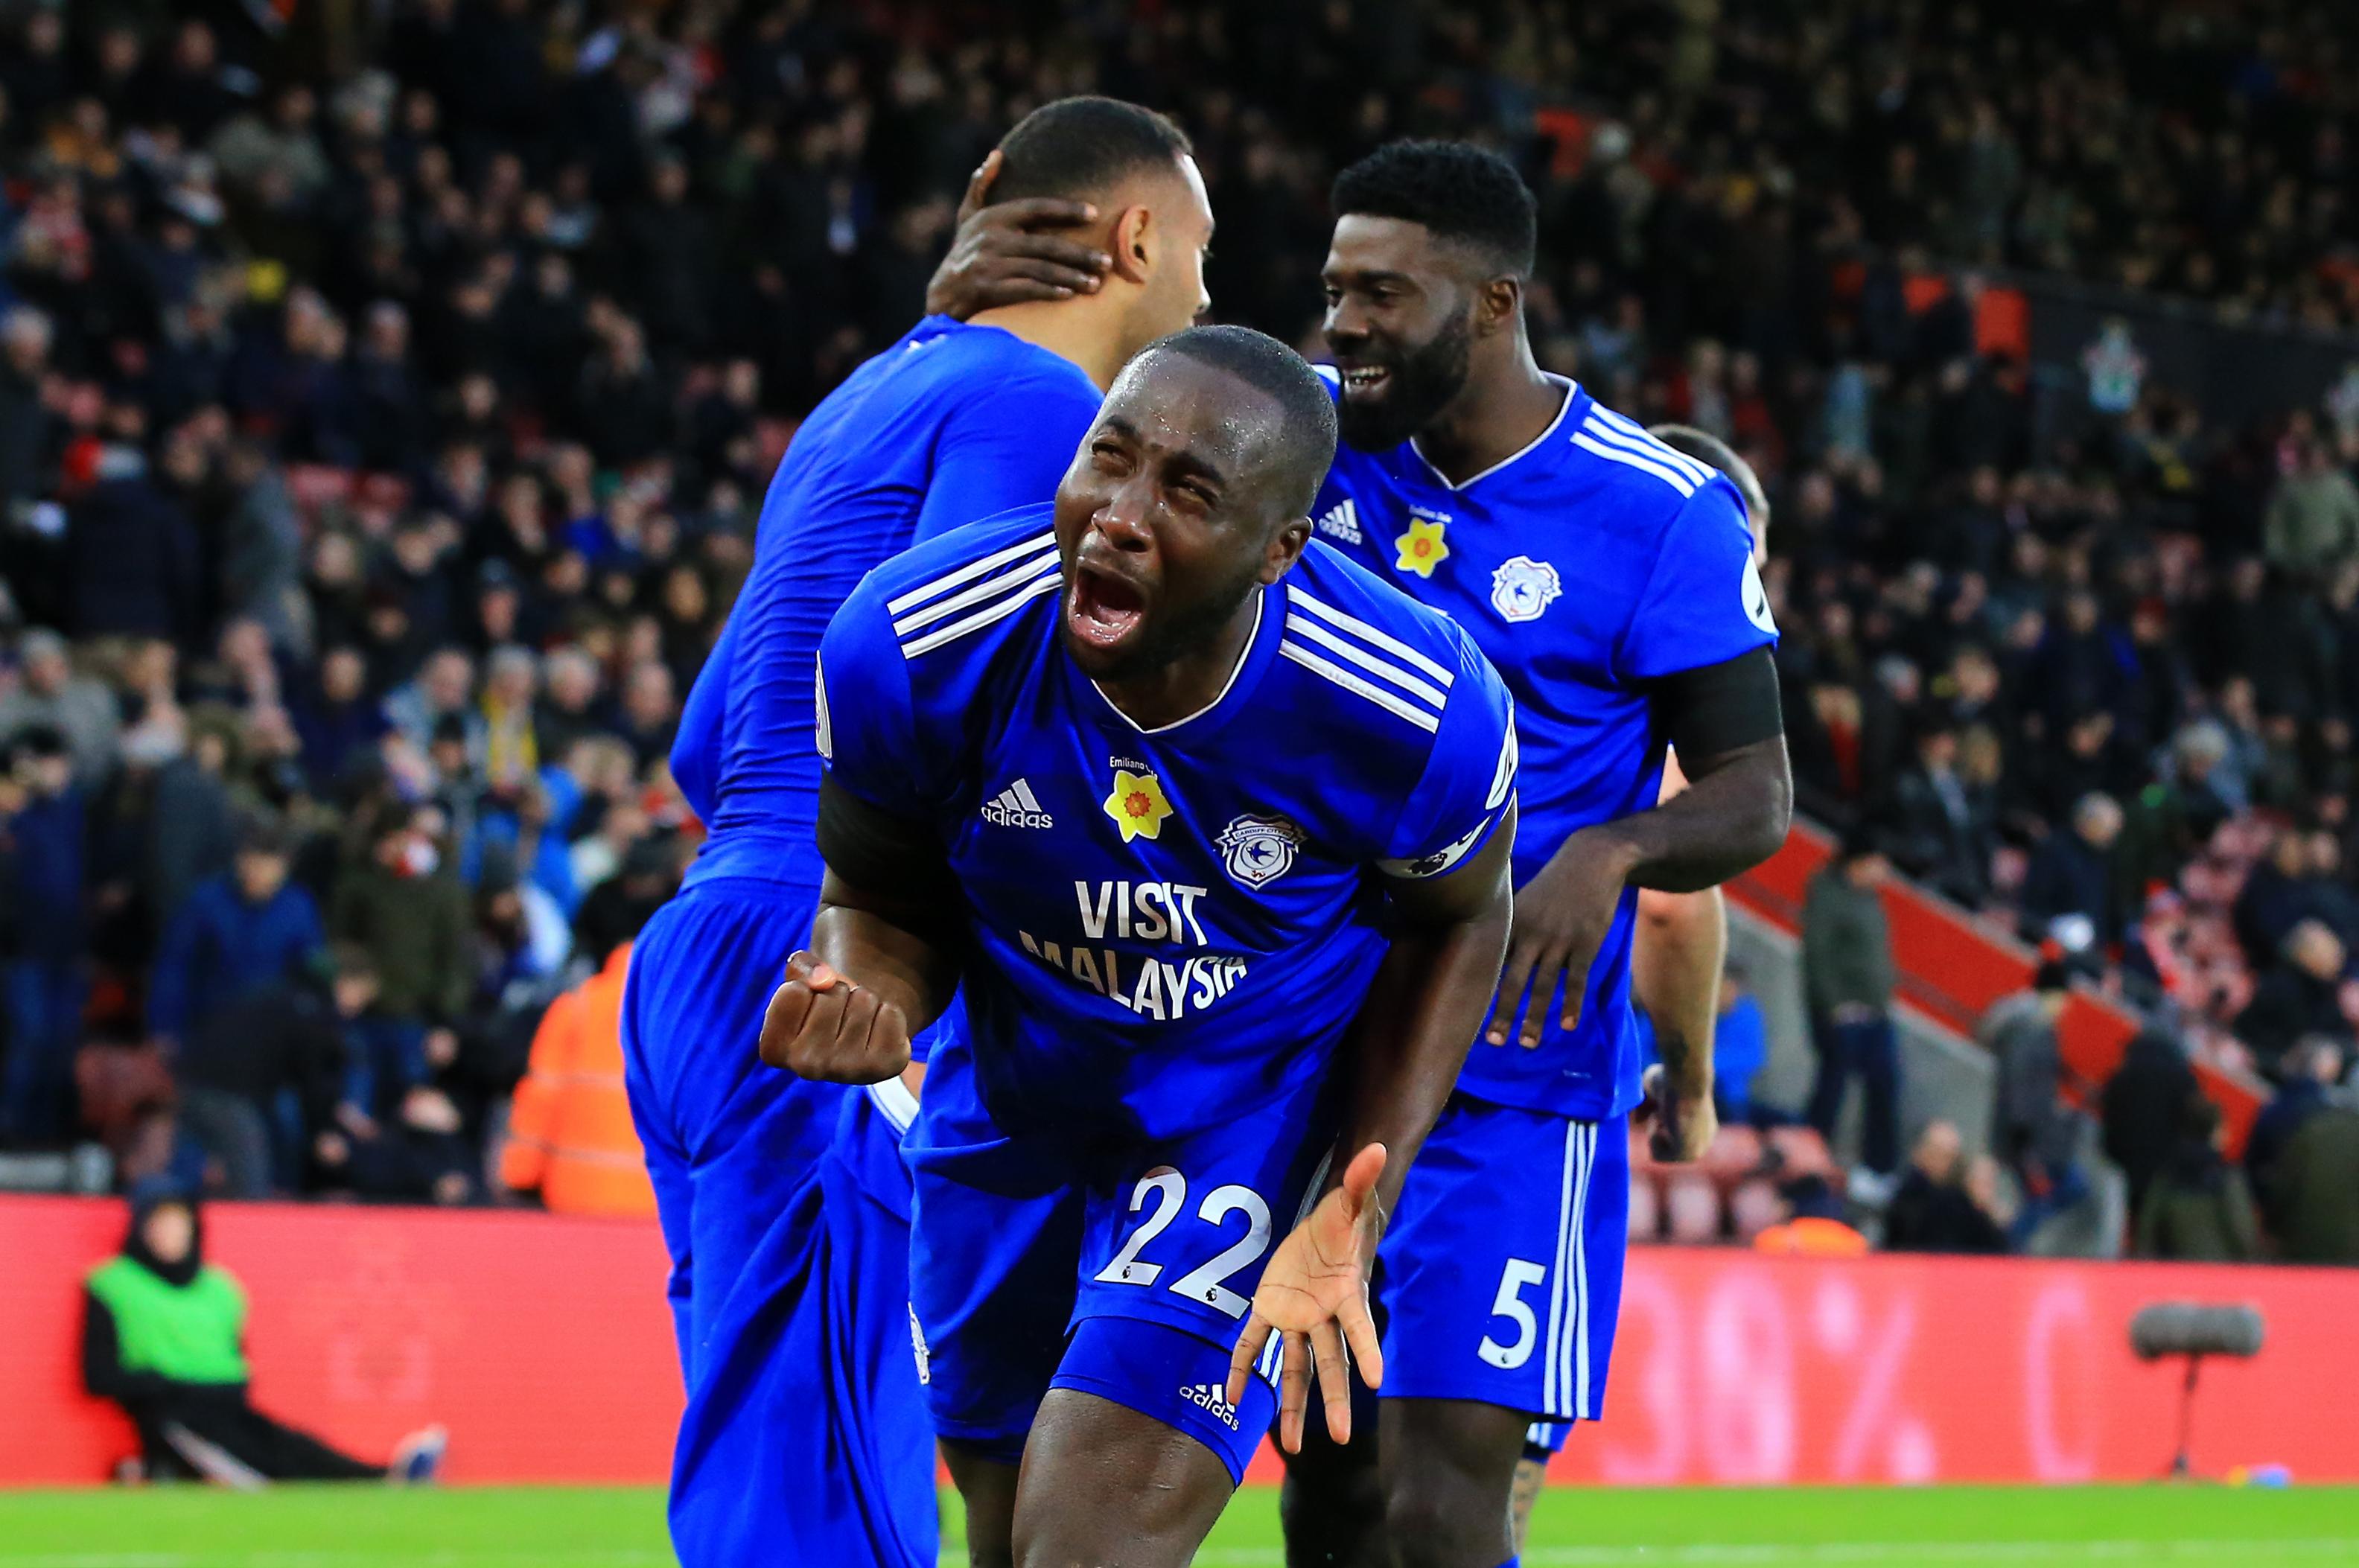 Sol Bamba emotionally celebrates his goal against Southampton. Image: PA Images